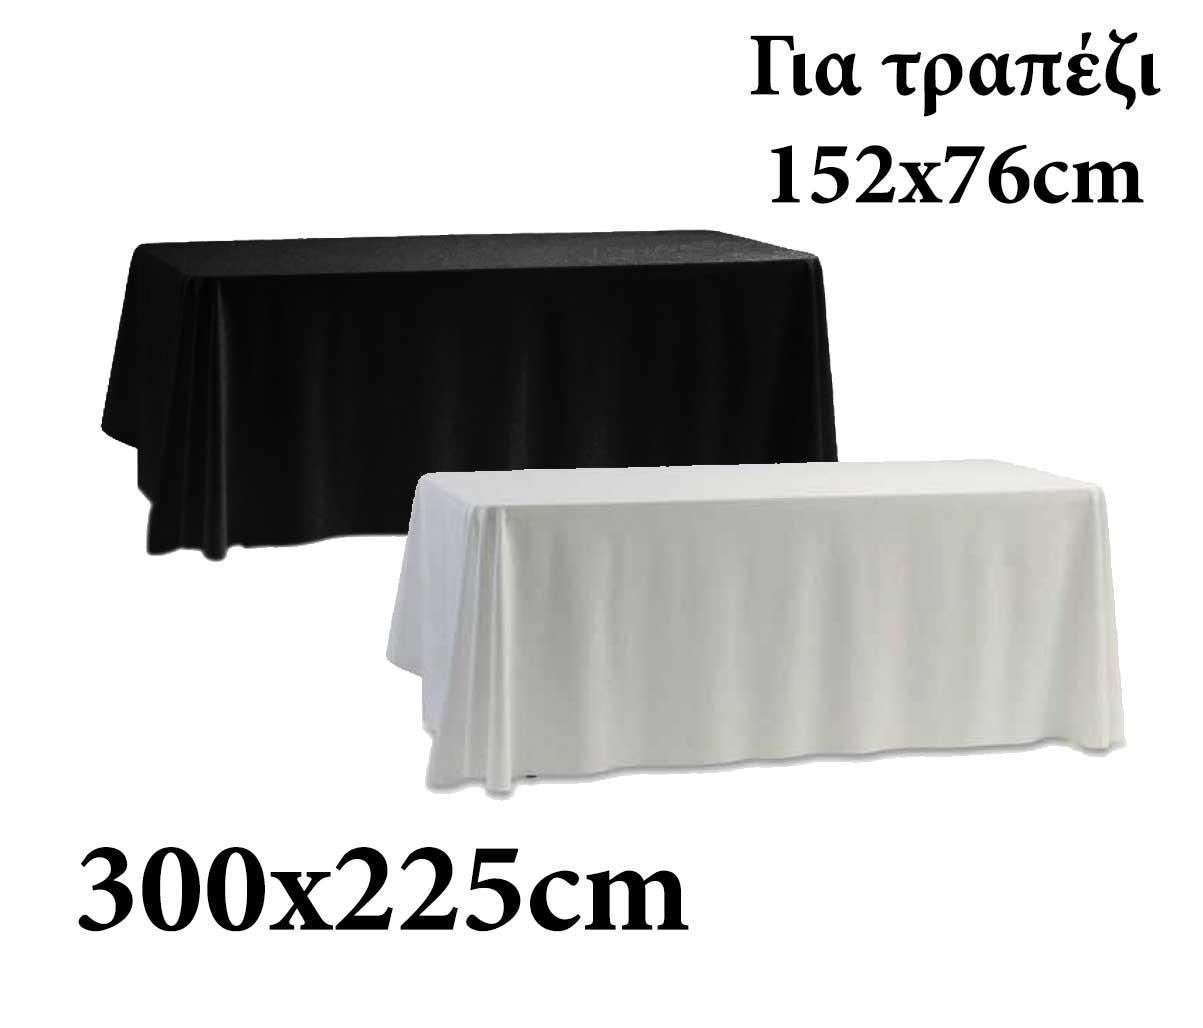 Υφασμάτινο τραπεζομάντηλο Target 300x225cm για τραπέζι 152x76cm